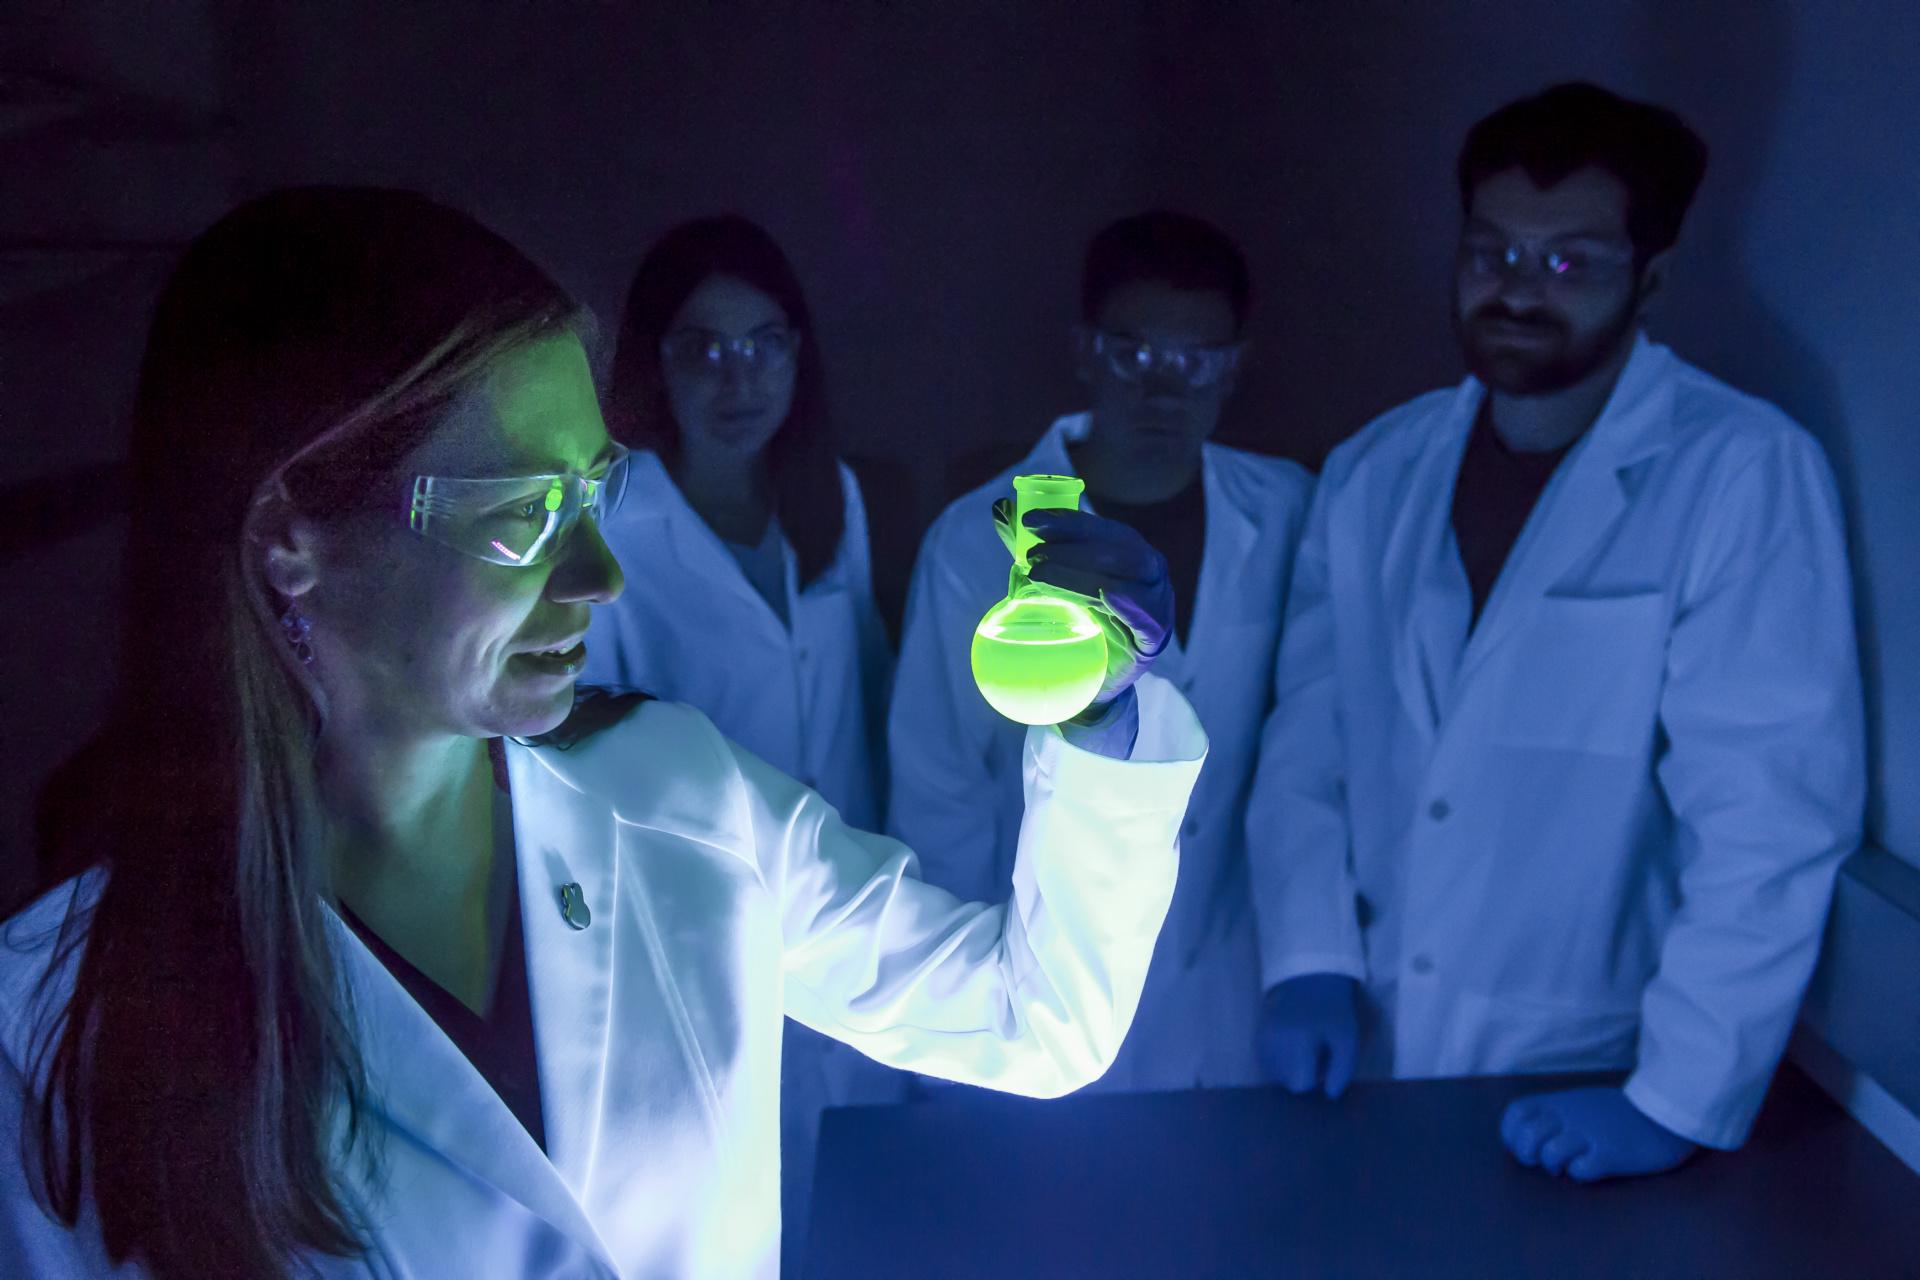 Faculty Highlight: Nuclear Medicine with Prof Zavaleta